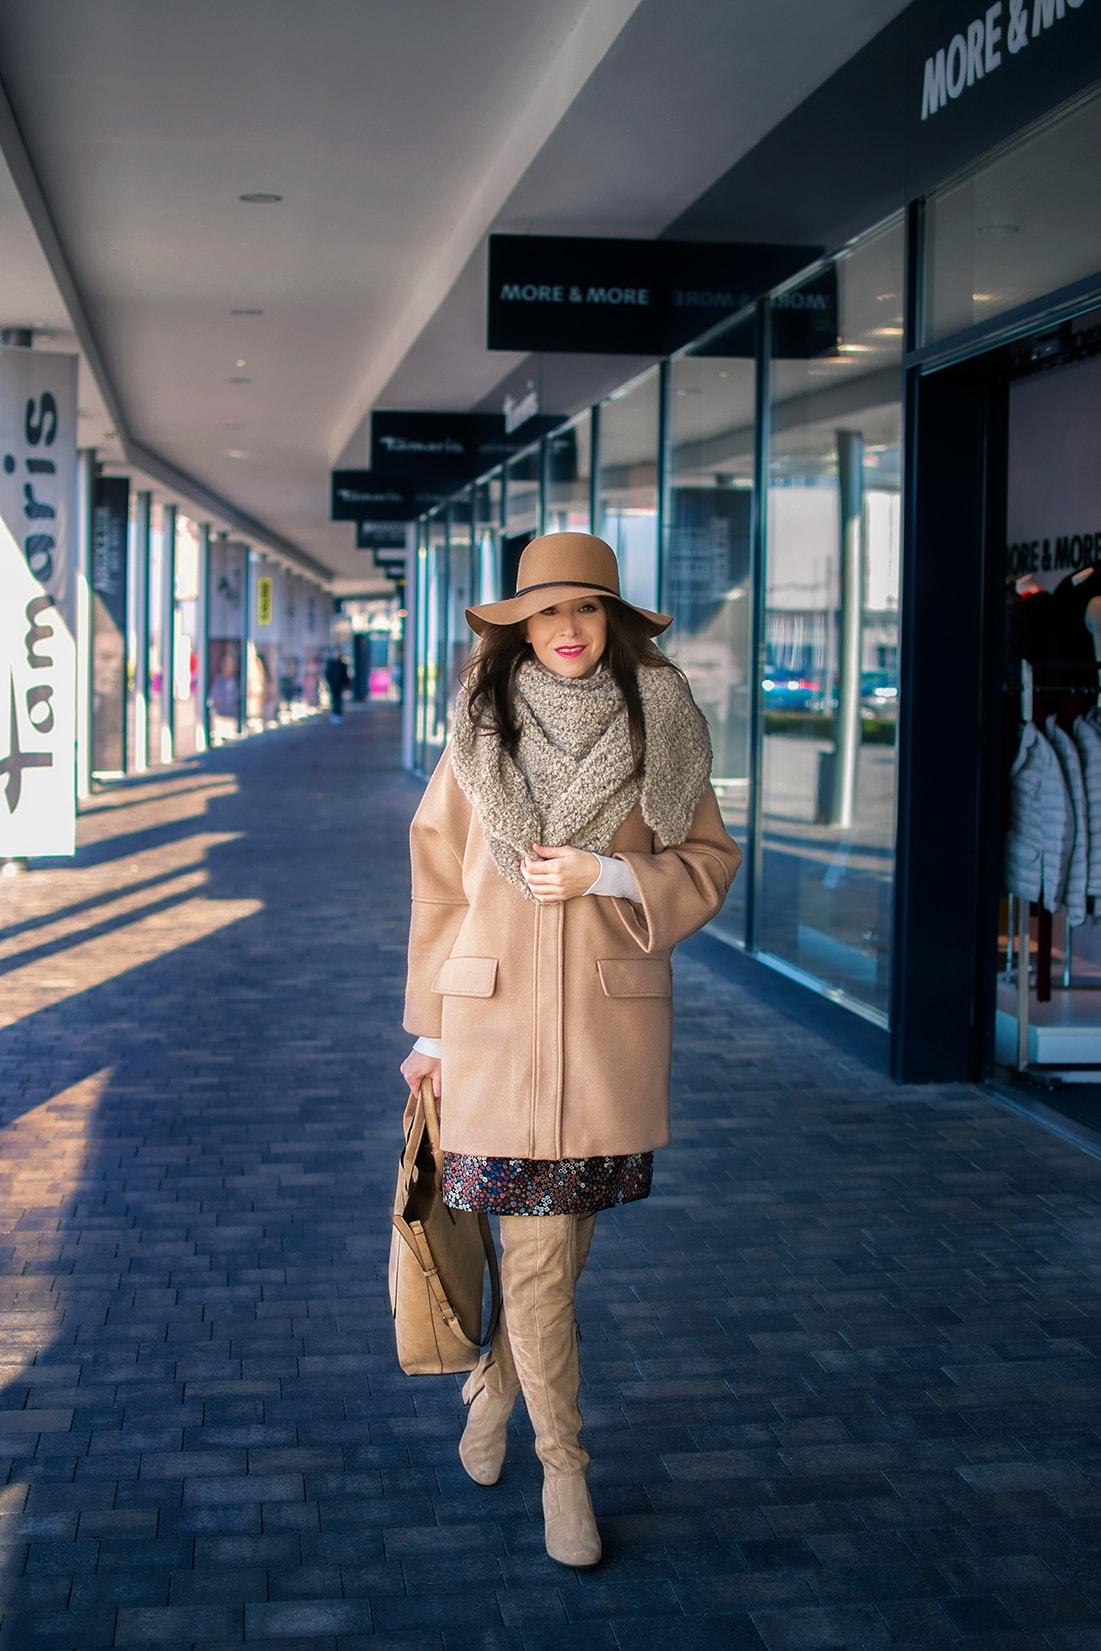 NADKOLENNÉ ČIŽMY. POTREBUJEŠ POČUŤ EŠTE VIAC?_Katharine-fashion is beautiful_blog 1_Béžový kabát Mango_Béžová kabelka Parfois_Béžové čižmy_Katarína Jakubčová_Fashion blogerka